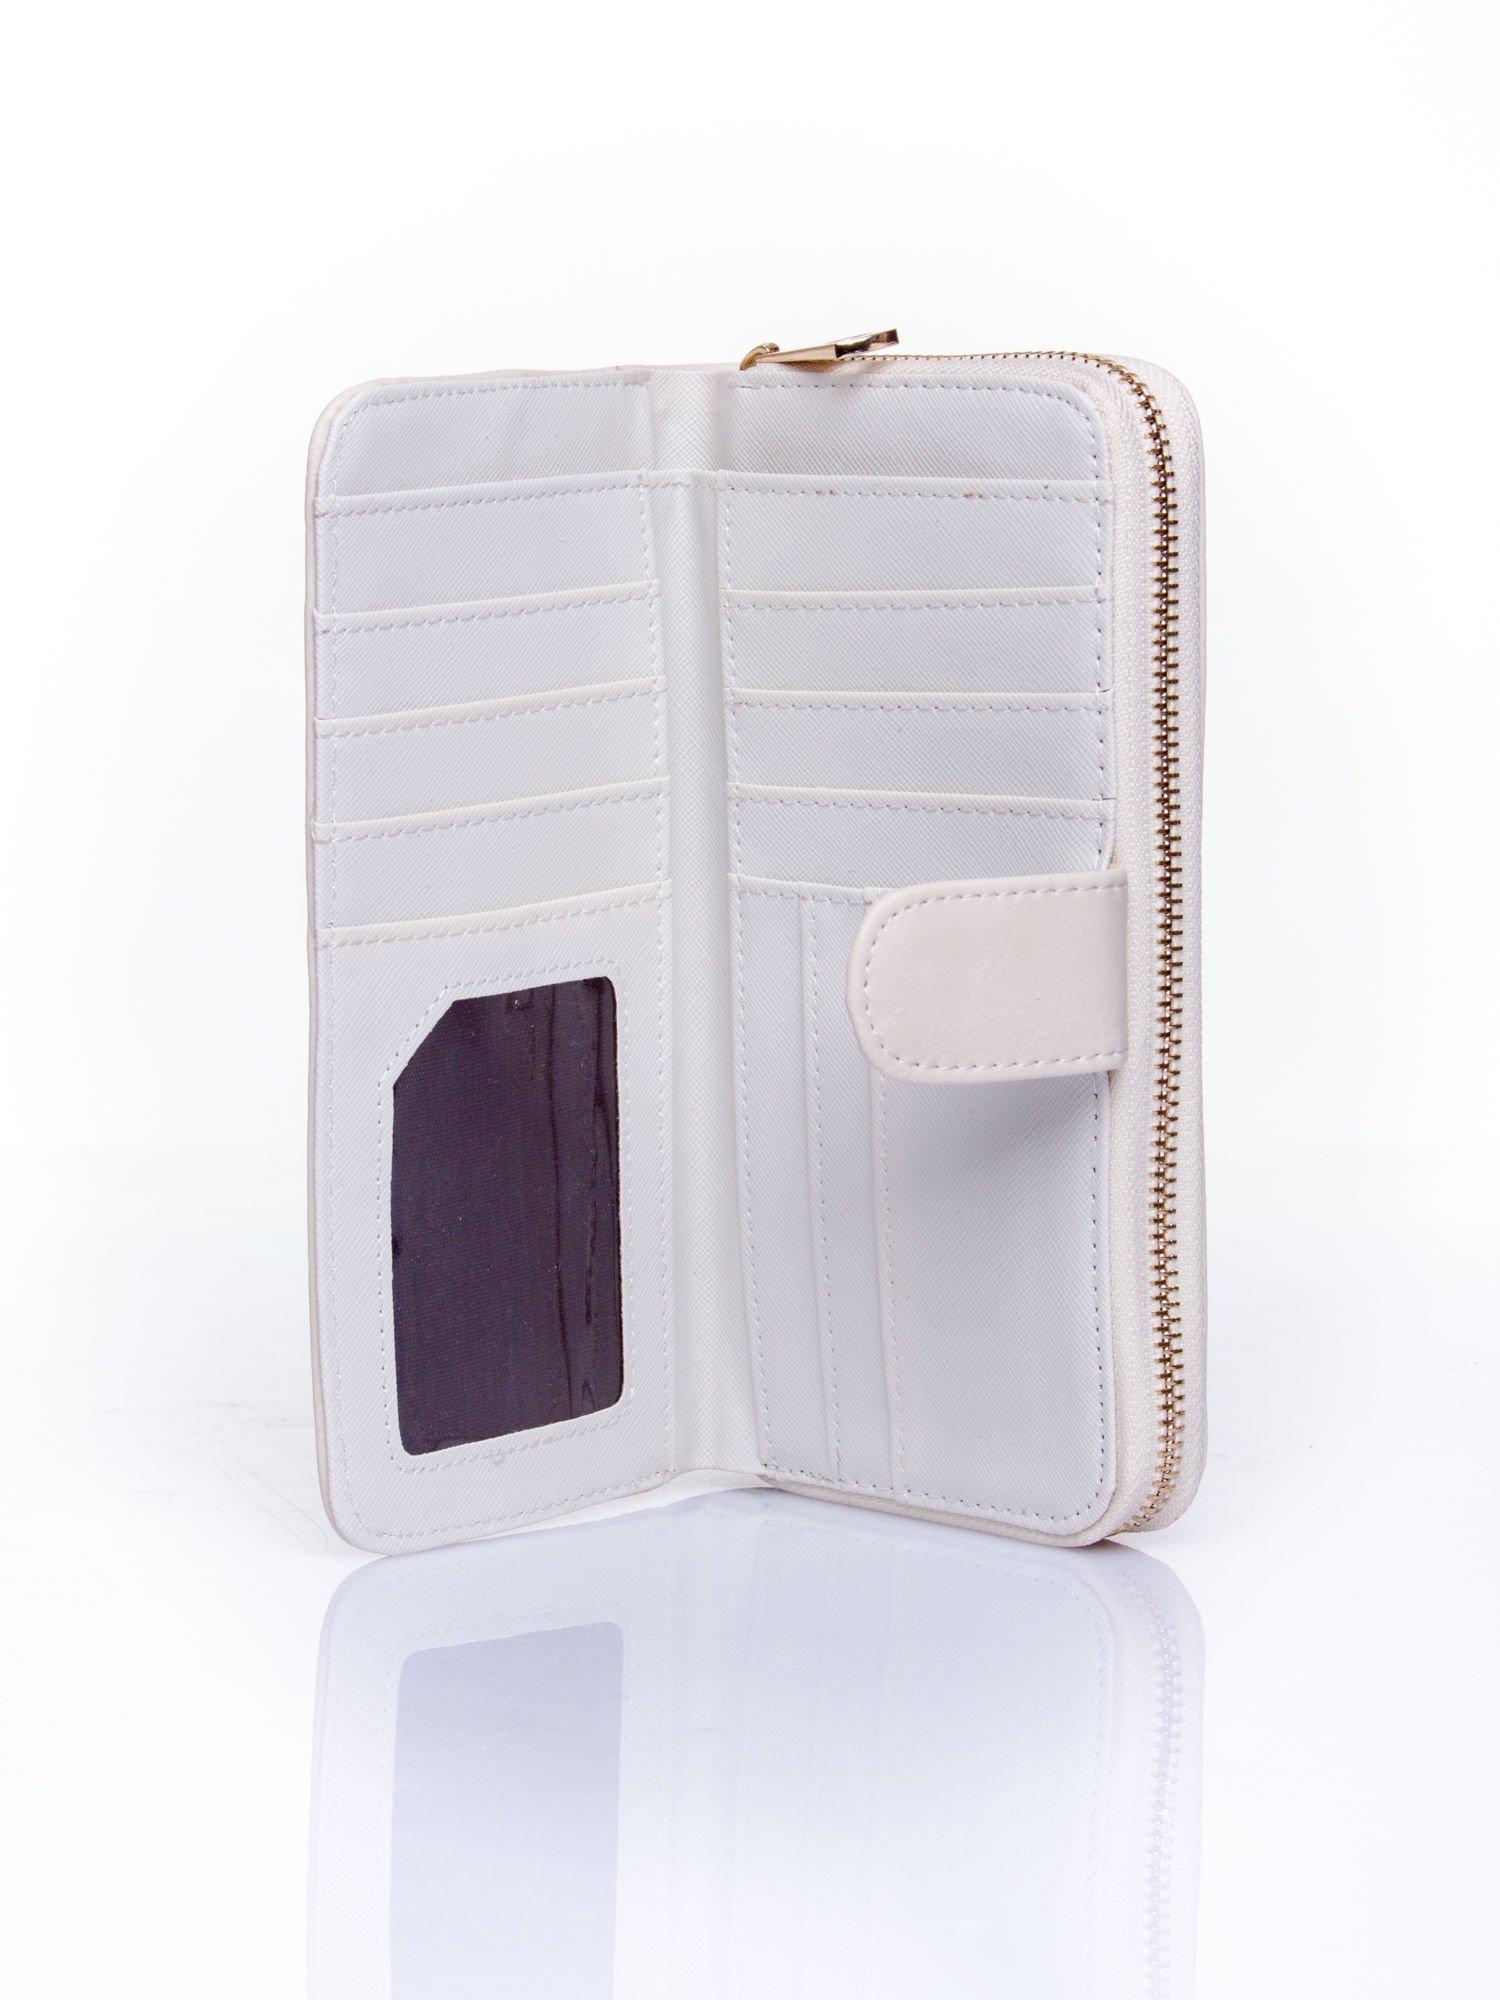 Kremowy pikowany portfel ze złotym suwakiem                                  zdj.                                  4